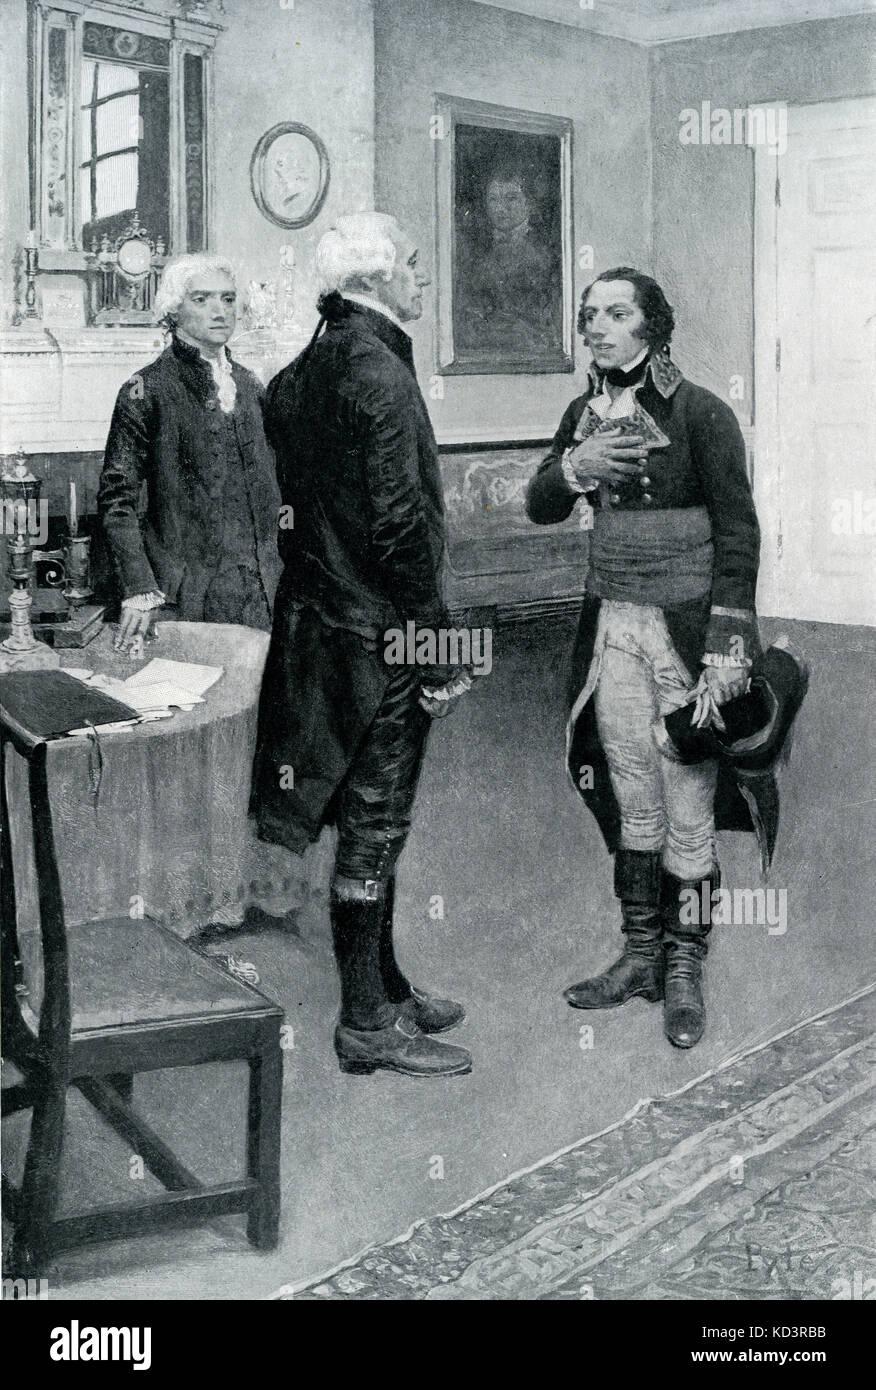 Edmond-Charles Genet présenté à George Washington. Affaire Genet citoyen, 1793. Edmond-Charles Genêt, nommé ambassadeur français aux États-Unis pendant la Révolution française. Illustration de Howard Pyle, 1897 Banque D'Images